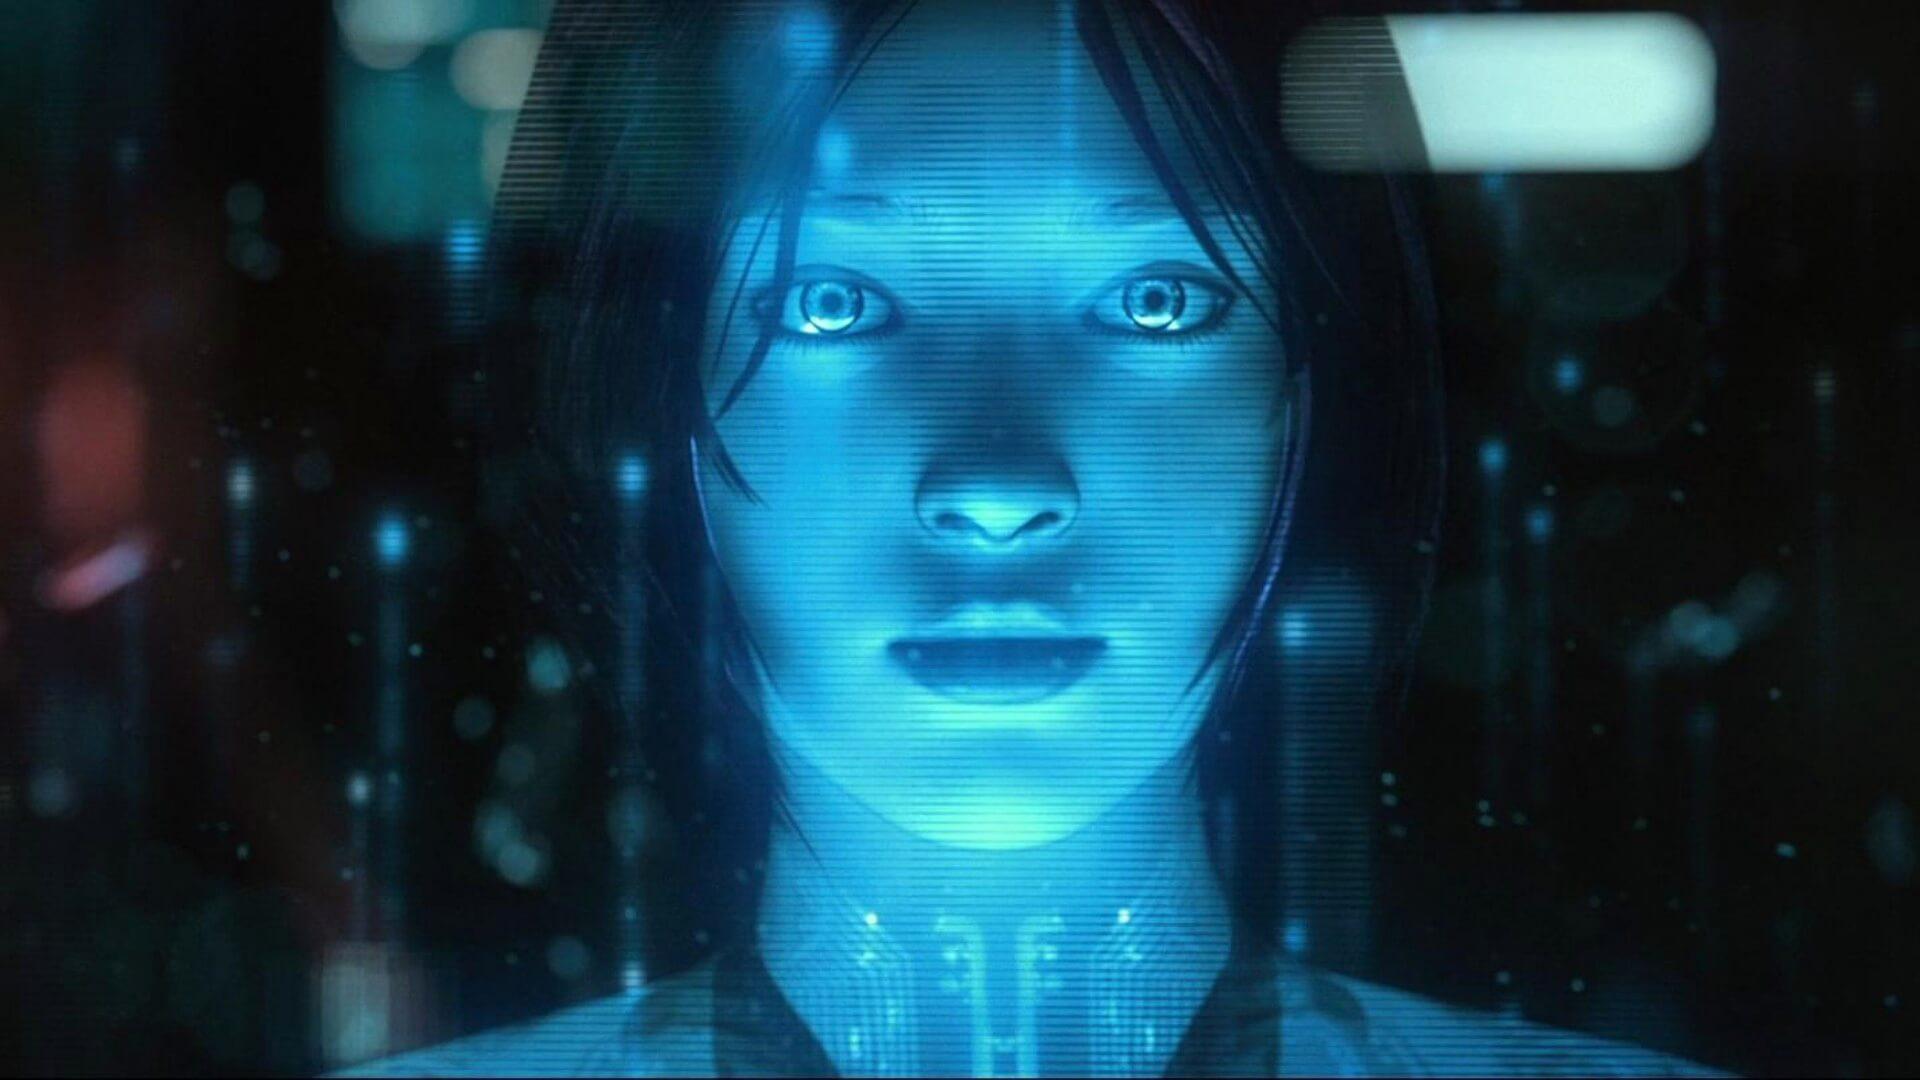 microsoft libera cortana em portugues - EletroExpo: 5 inovações tecnológicas que irão transformar o seu futuro